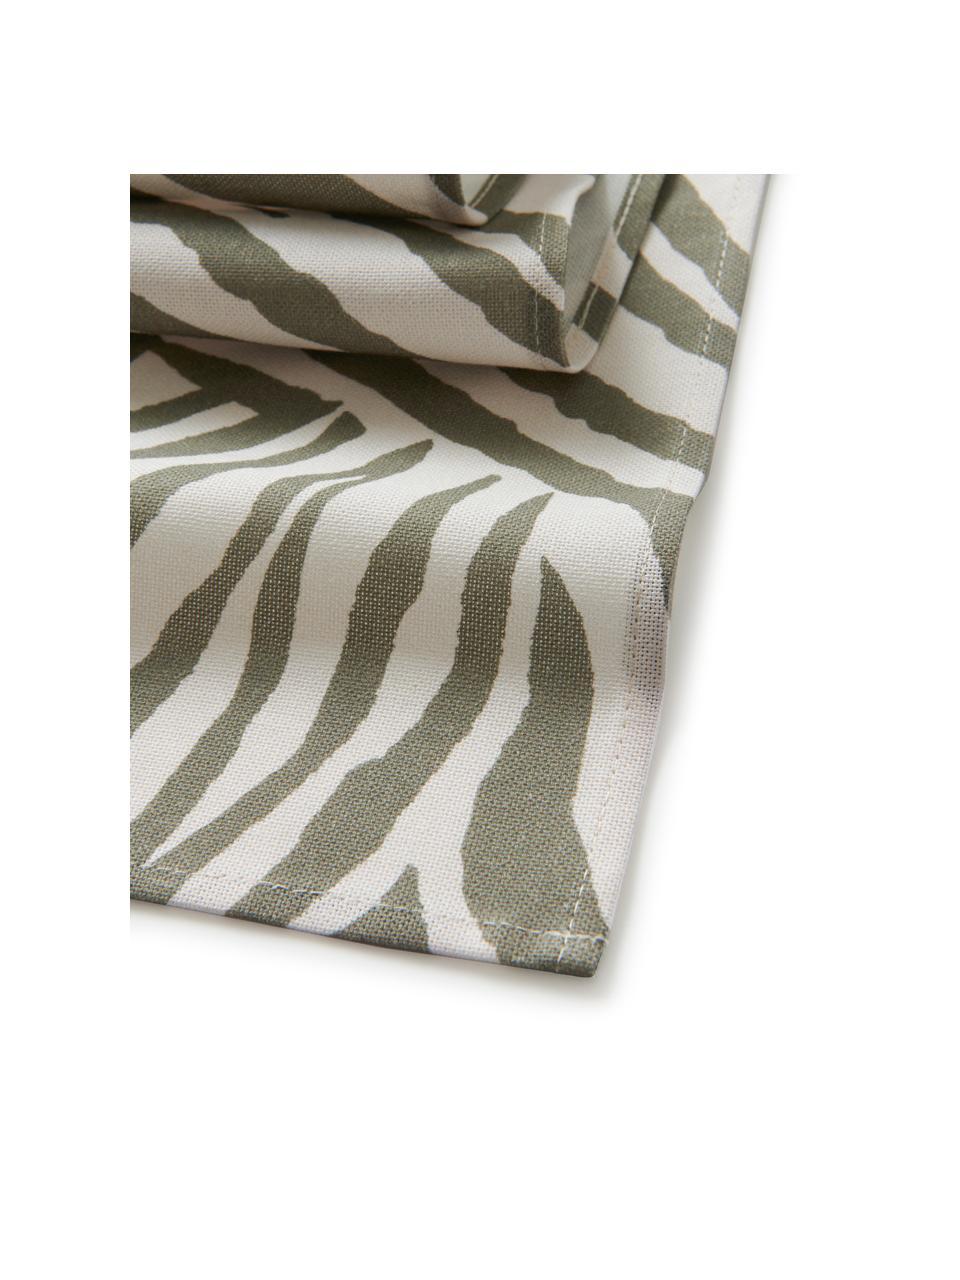 Runner in cotone biologico con motivo zebra Zadie, 100% cotone, Verde oliva, bianco crema, Larg. 40 x Lung. 140 cm